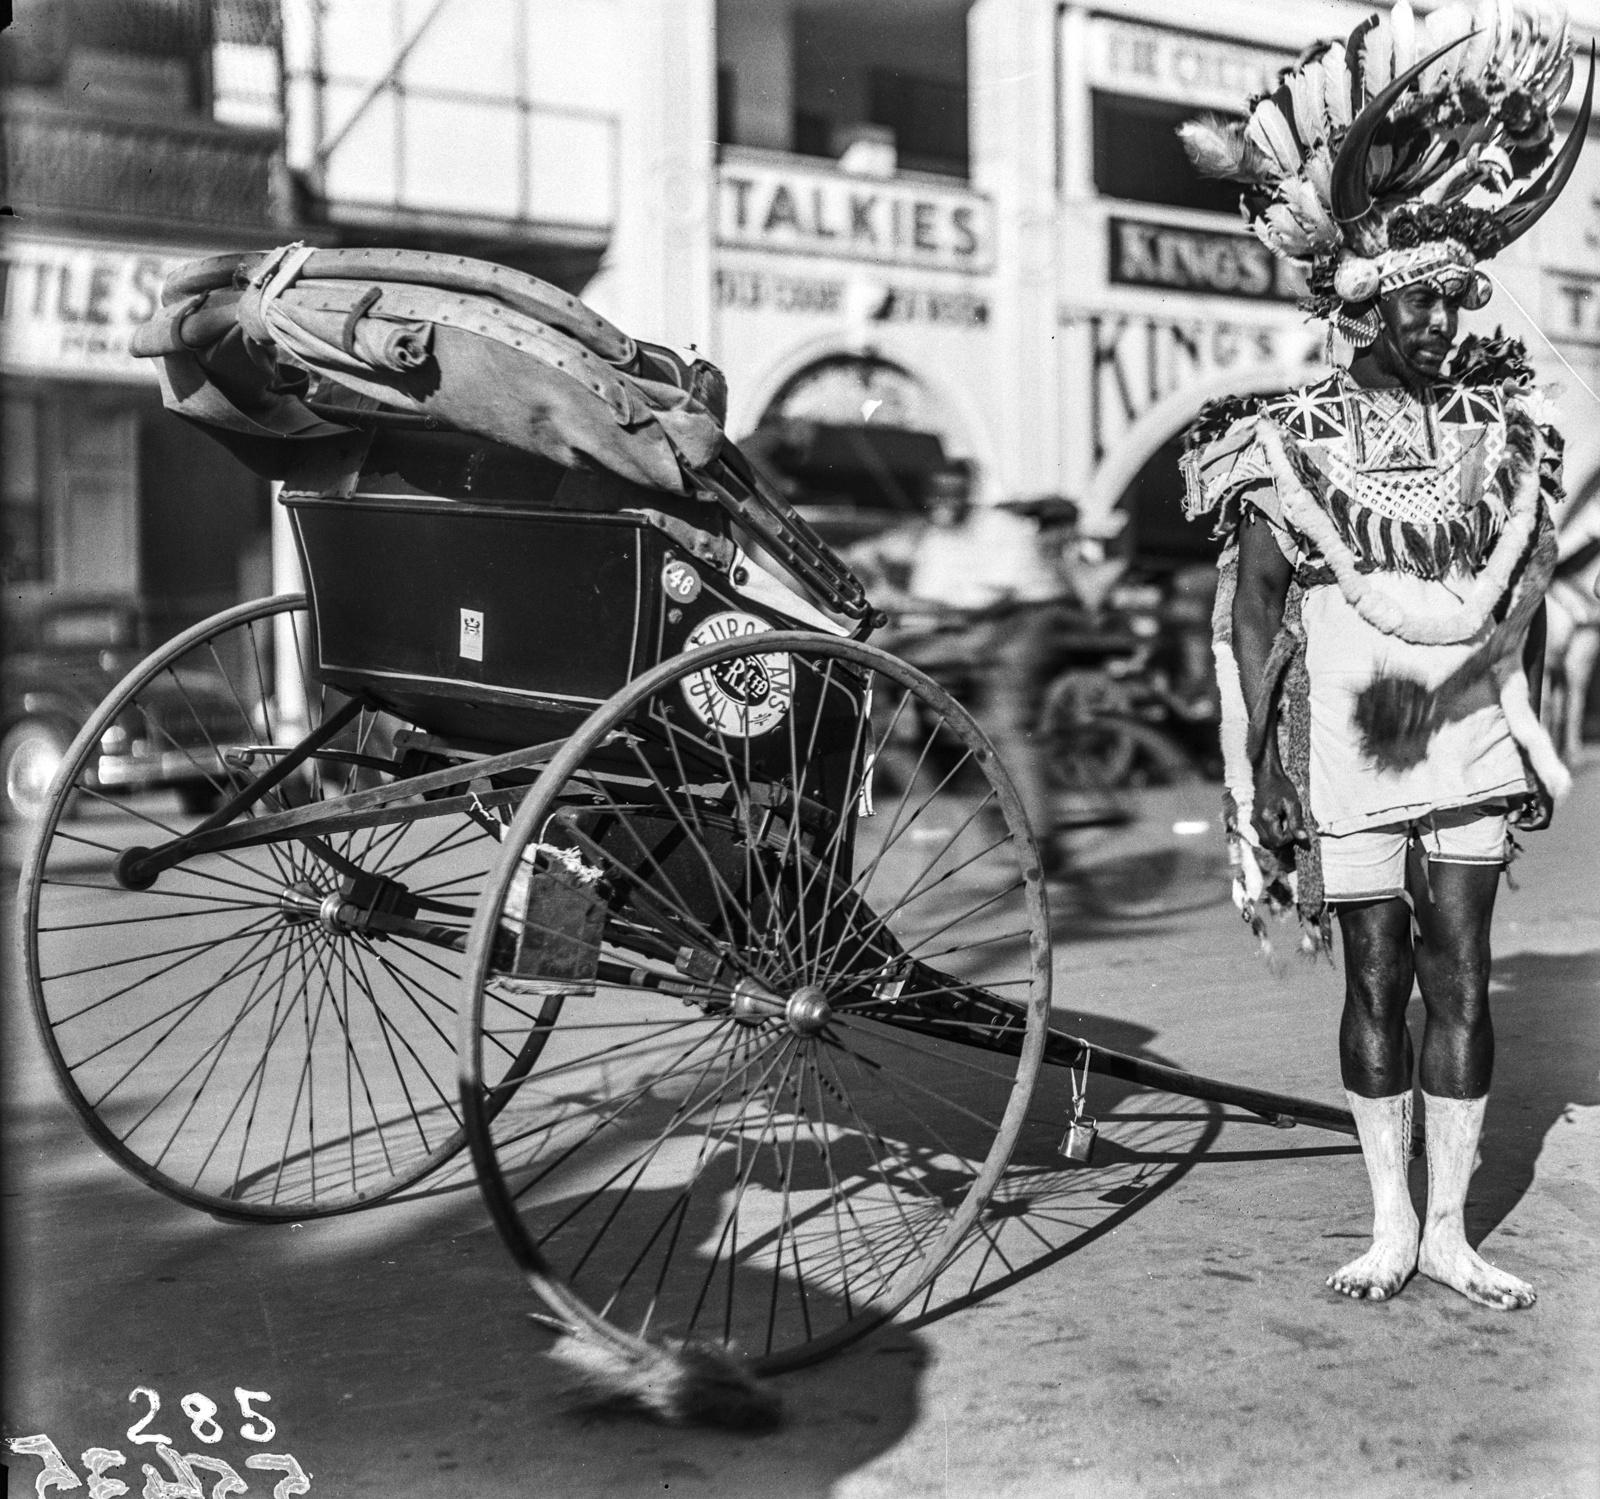 Южно-Африканский Союз. Дурбан. Зулу в традиционной одежде рядом с каретой